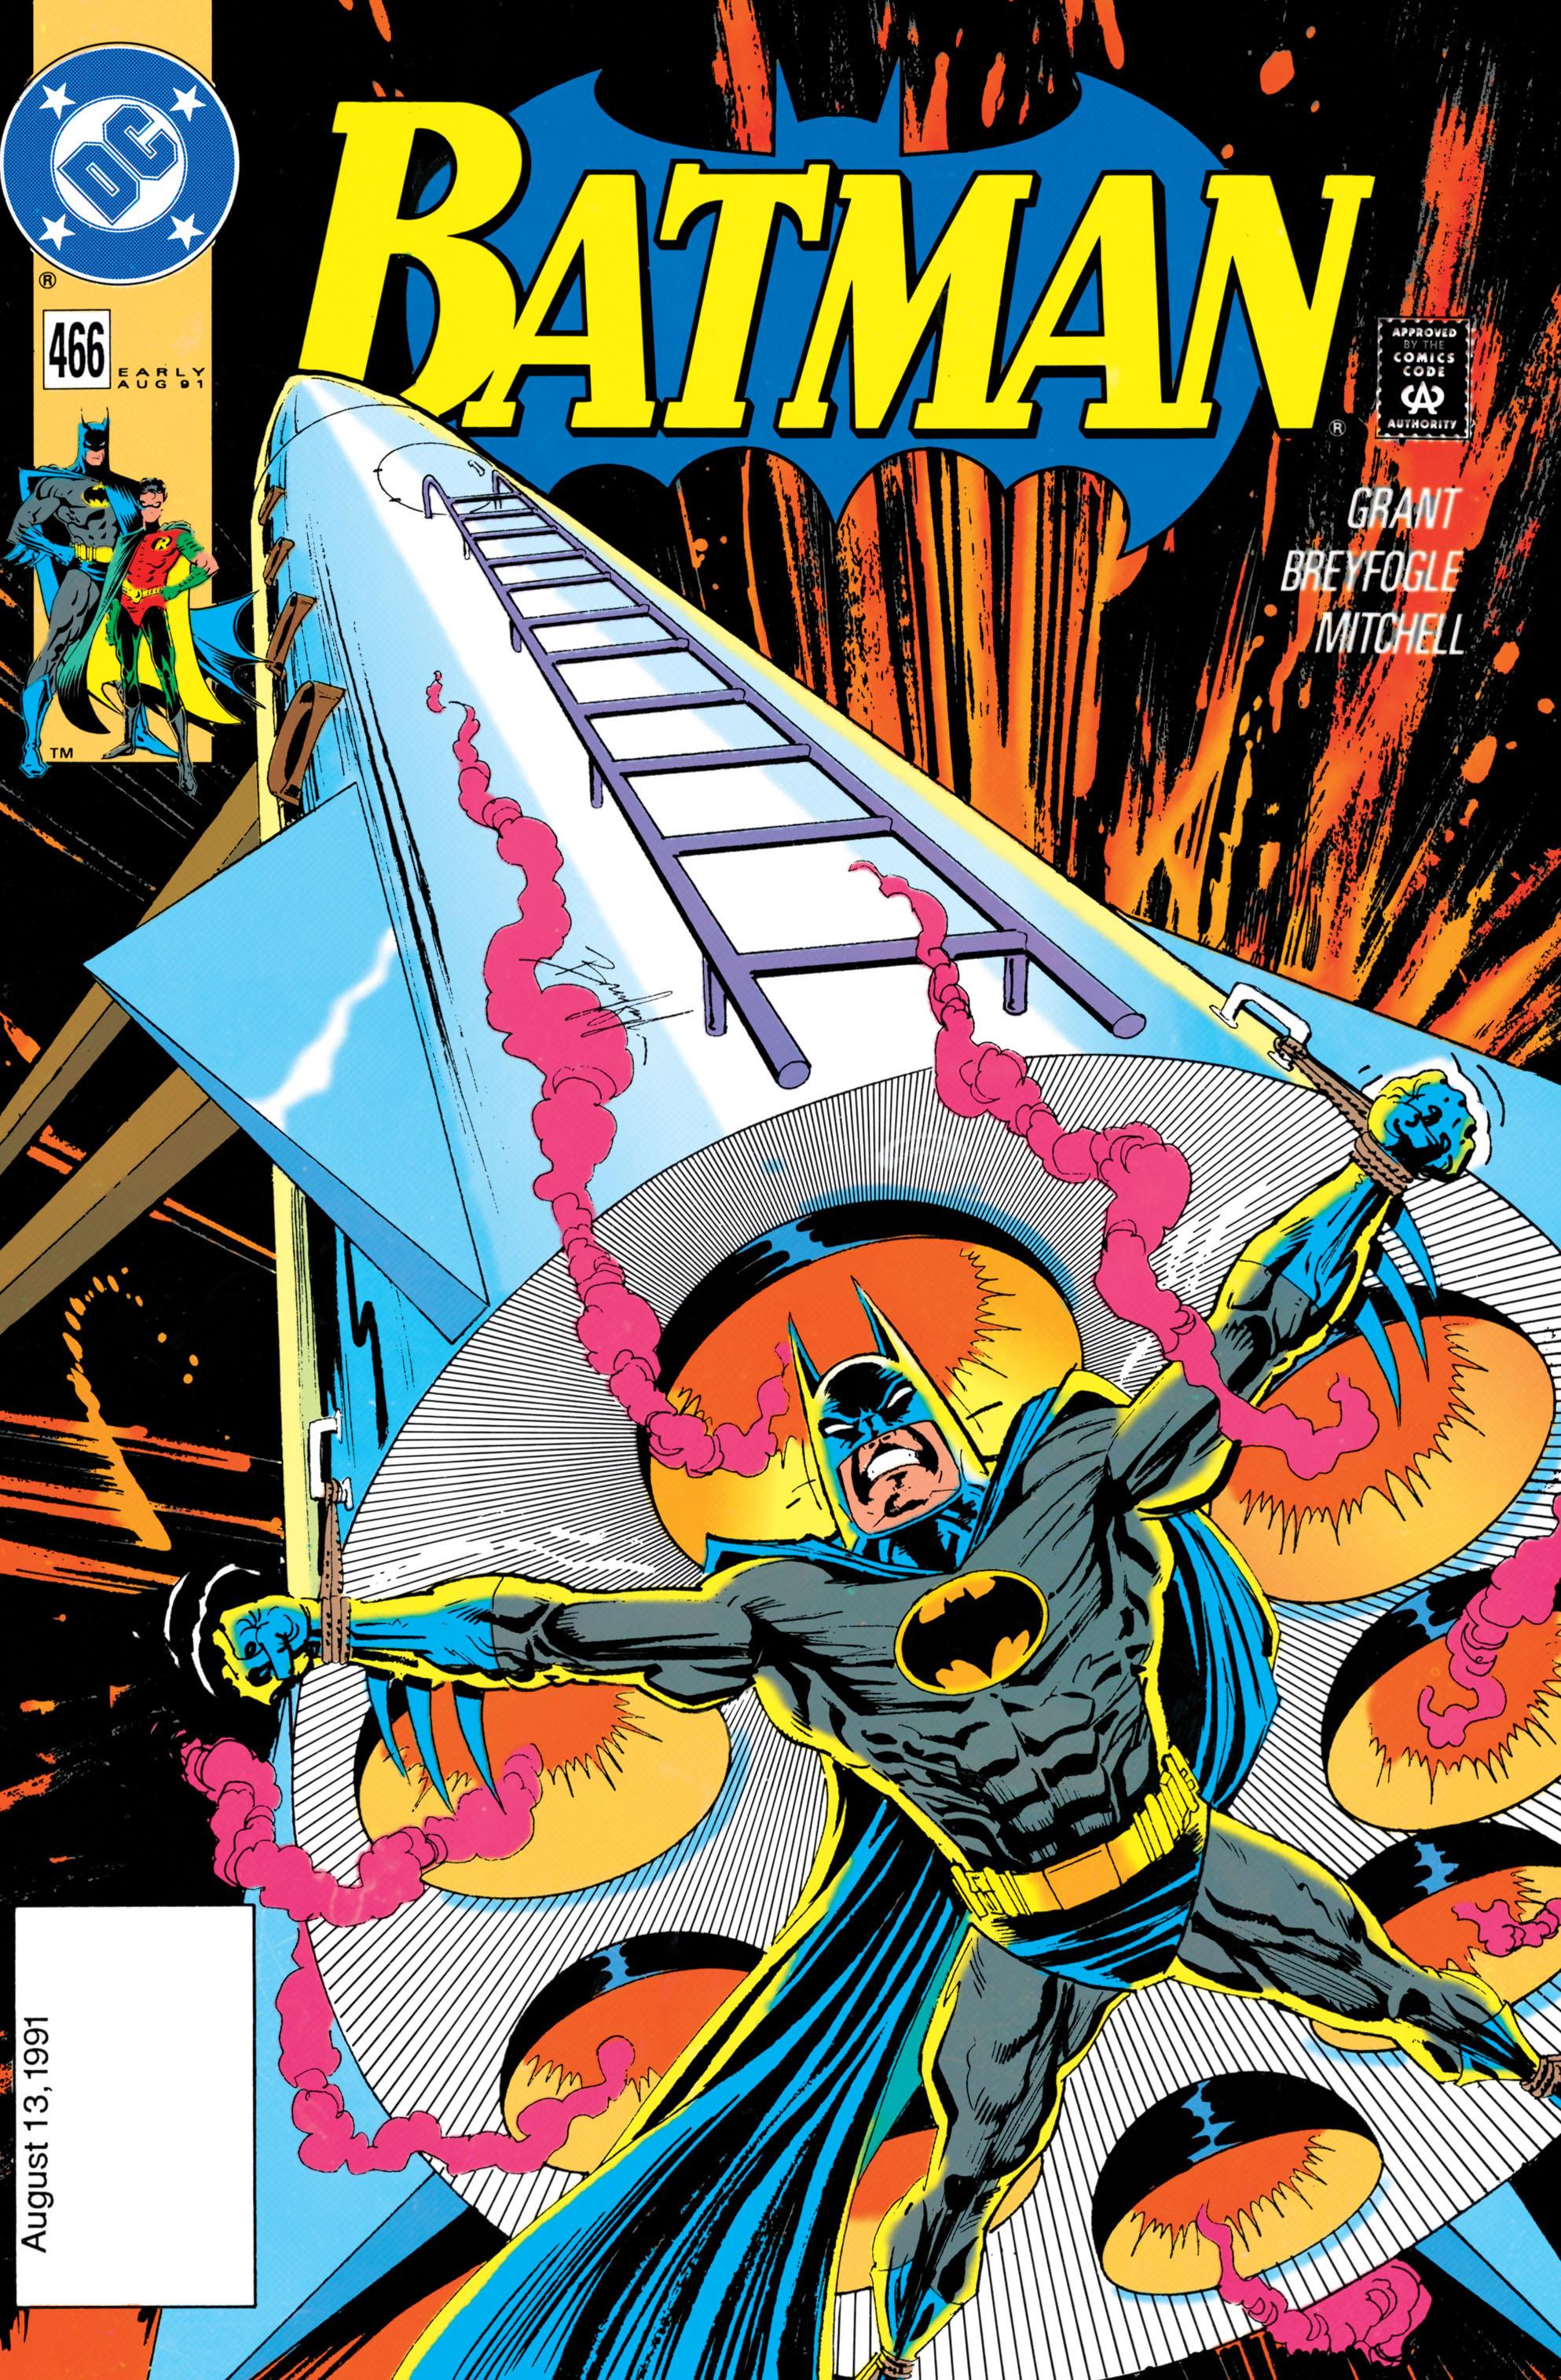 Batman (1940) 466 Page 1